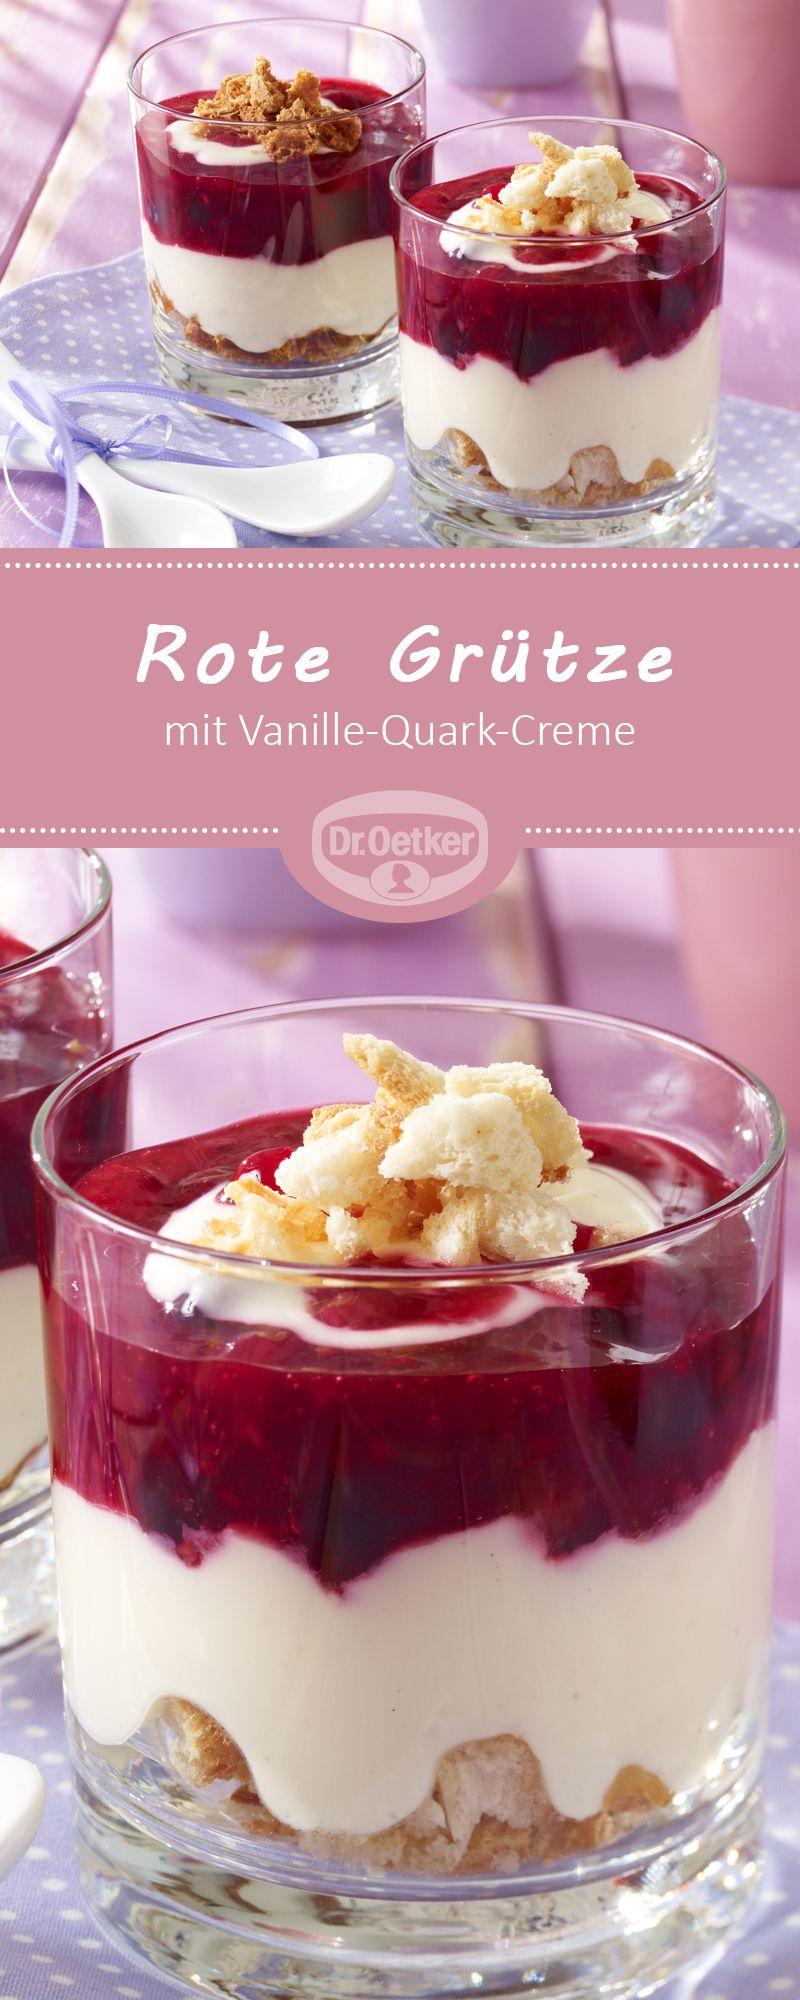 Rote Grutze Mit Vanille Quark Creme Rezept Desserts Pinterest